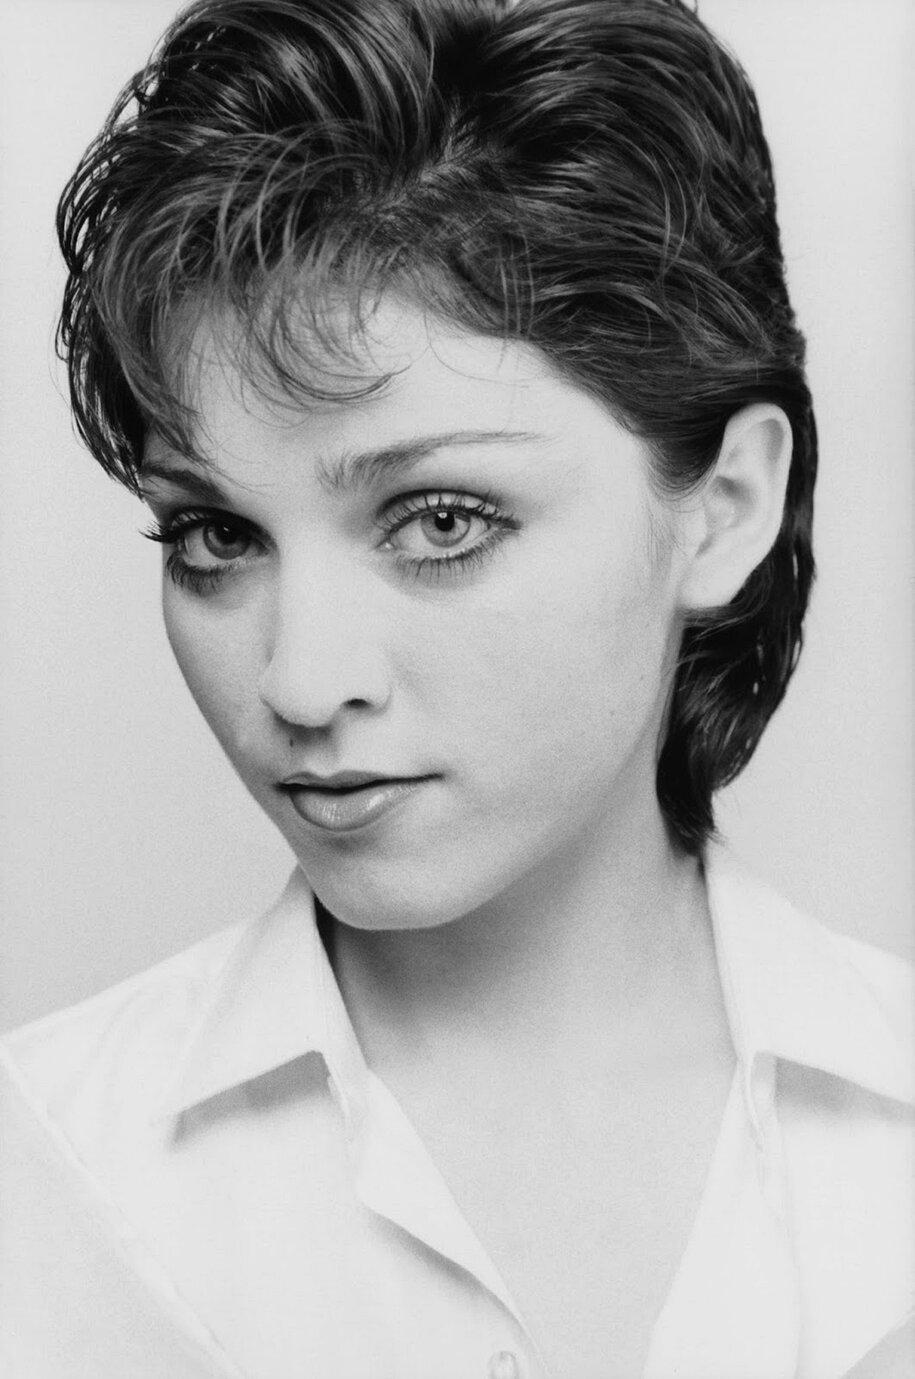 madonna-foto-anni-70-prima-di-diventare-famosa-new-york-14